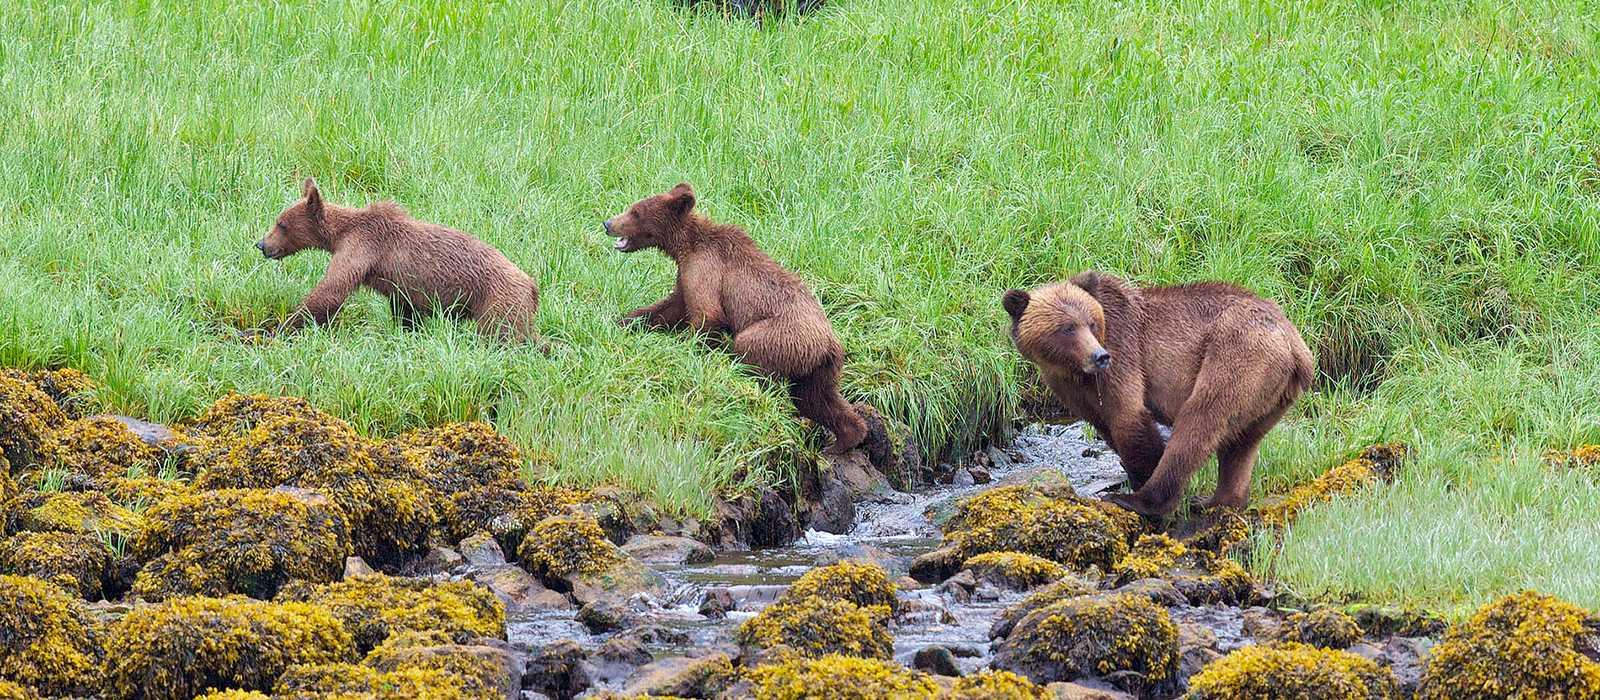 Bären im Khutzeymateen Provincial Park, Britisch Kolumbien